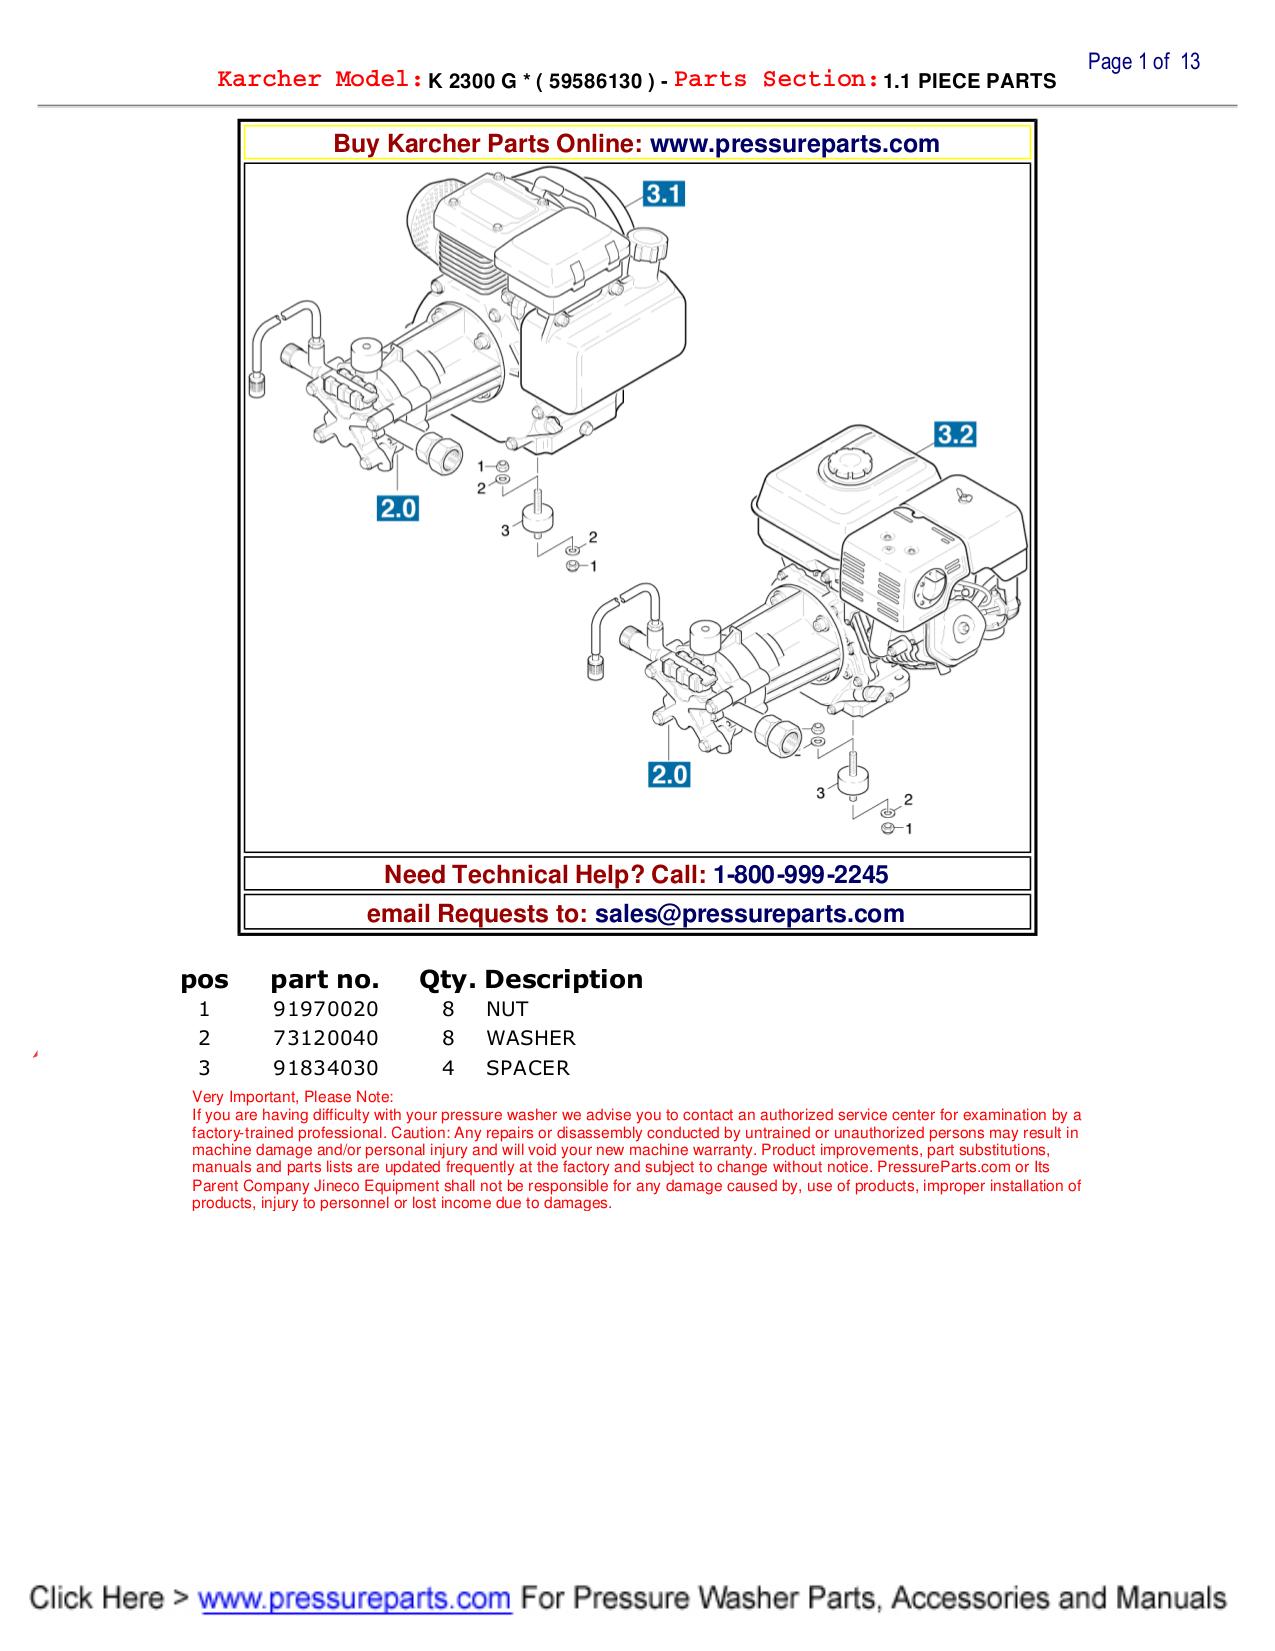 pdf for Karcher Other K 2300 G Pressure Washers manual